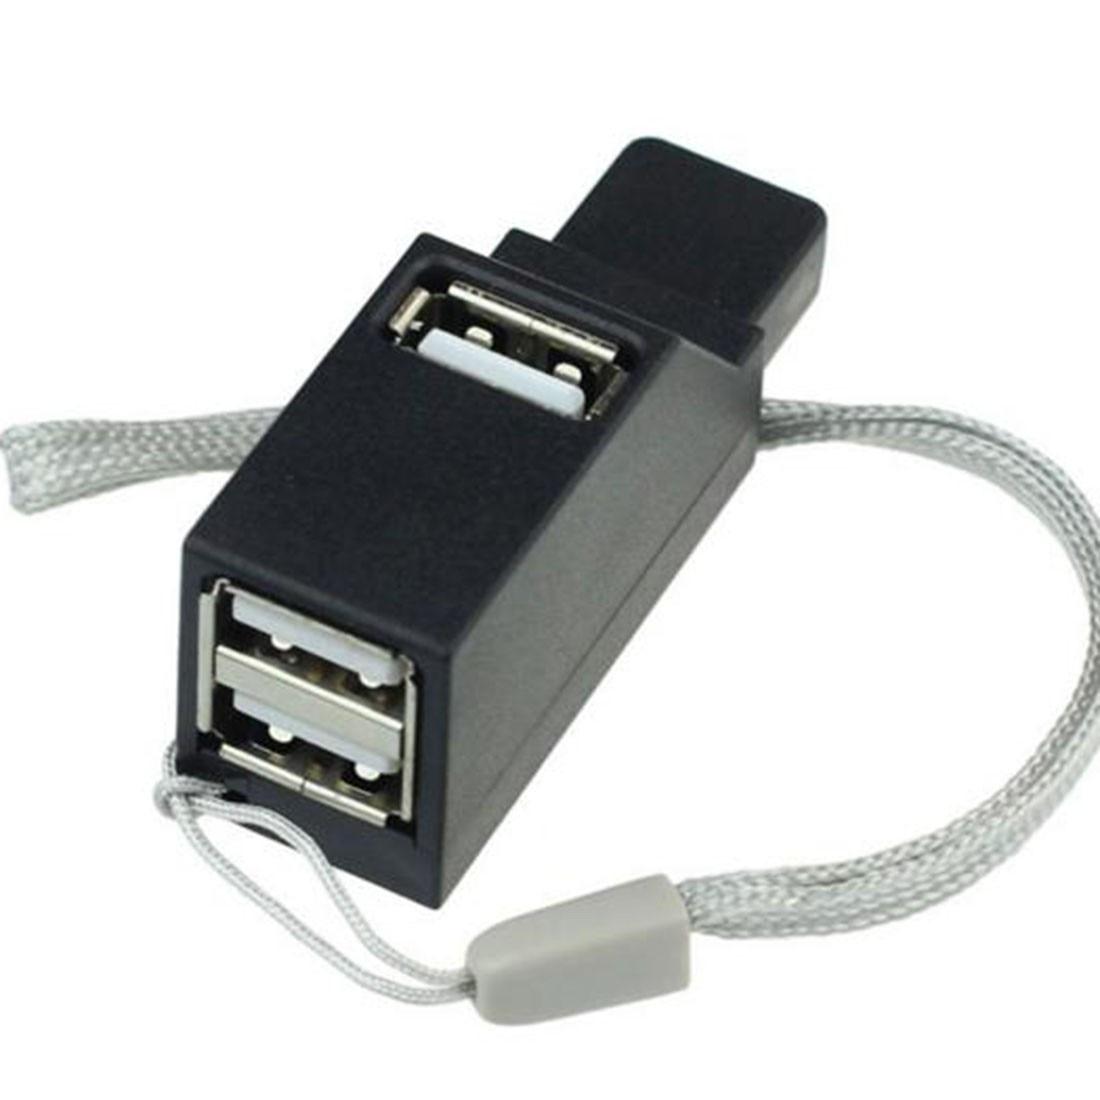 Noyokere Новое поступление Фирменная новинка высокое Скорость 3 Порты концентратор USB 2.0 Мини повернуть usb кабель сплиттер концентраторы Адапте...